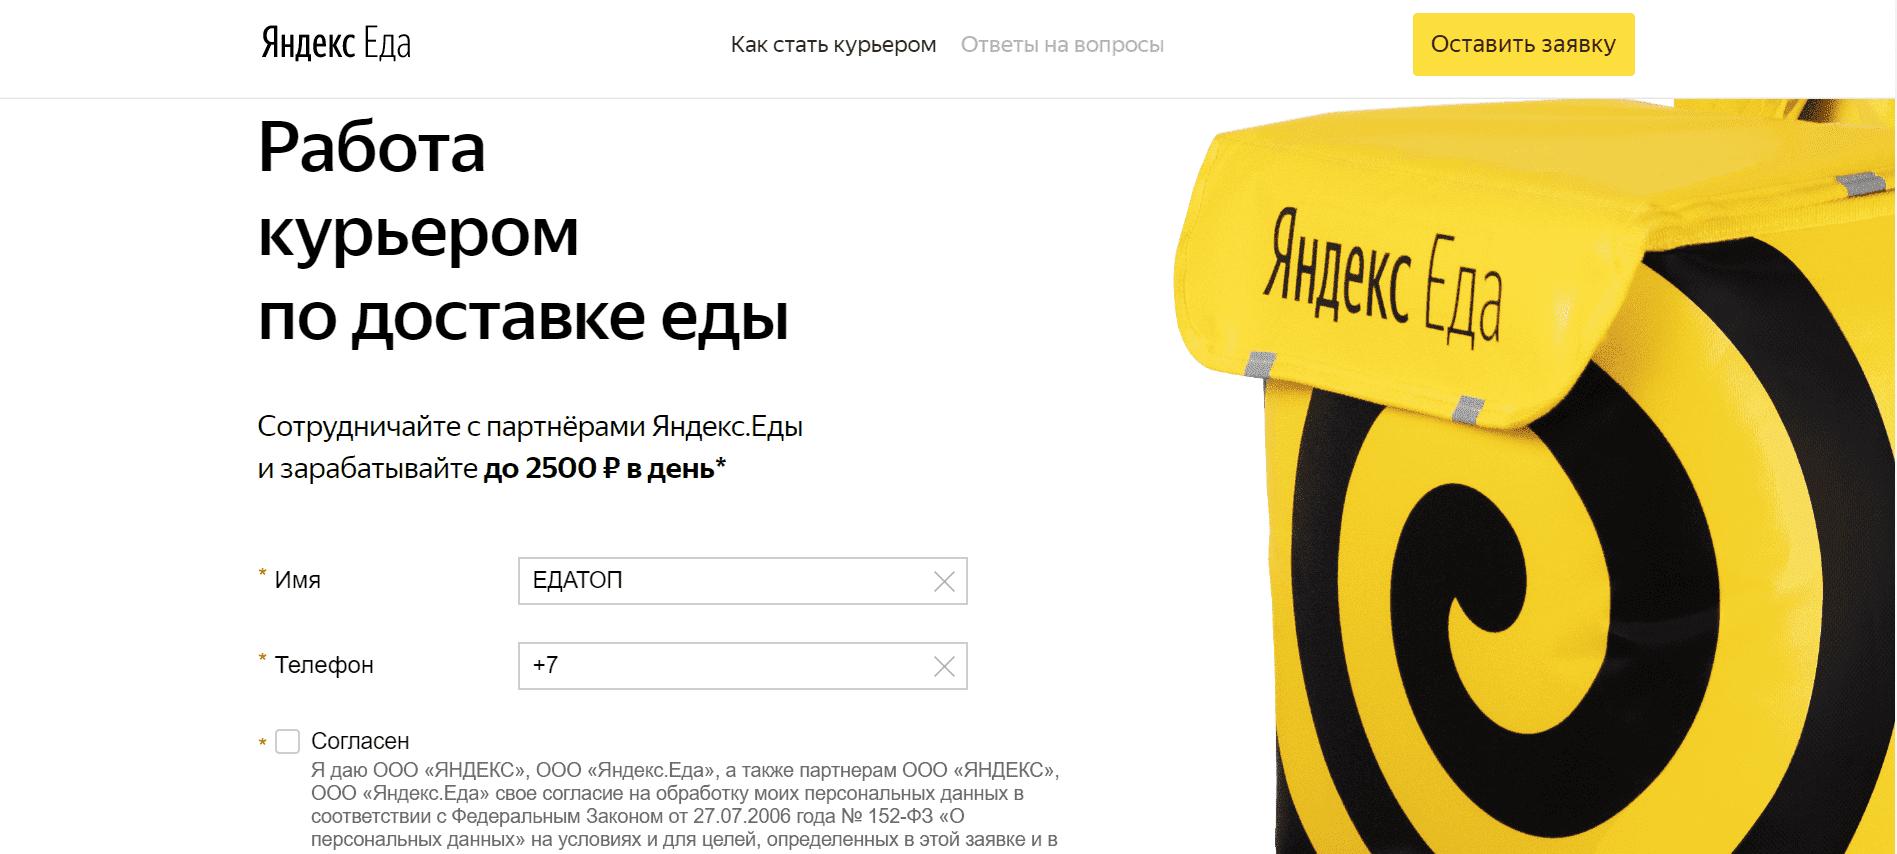 Вакансии Яндекс.Еды